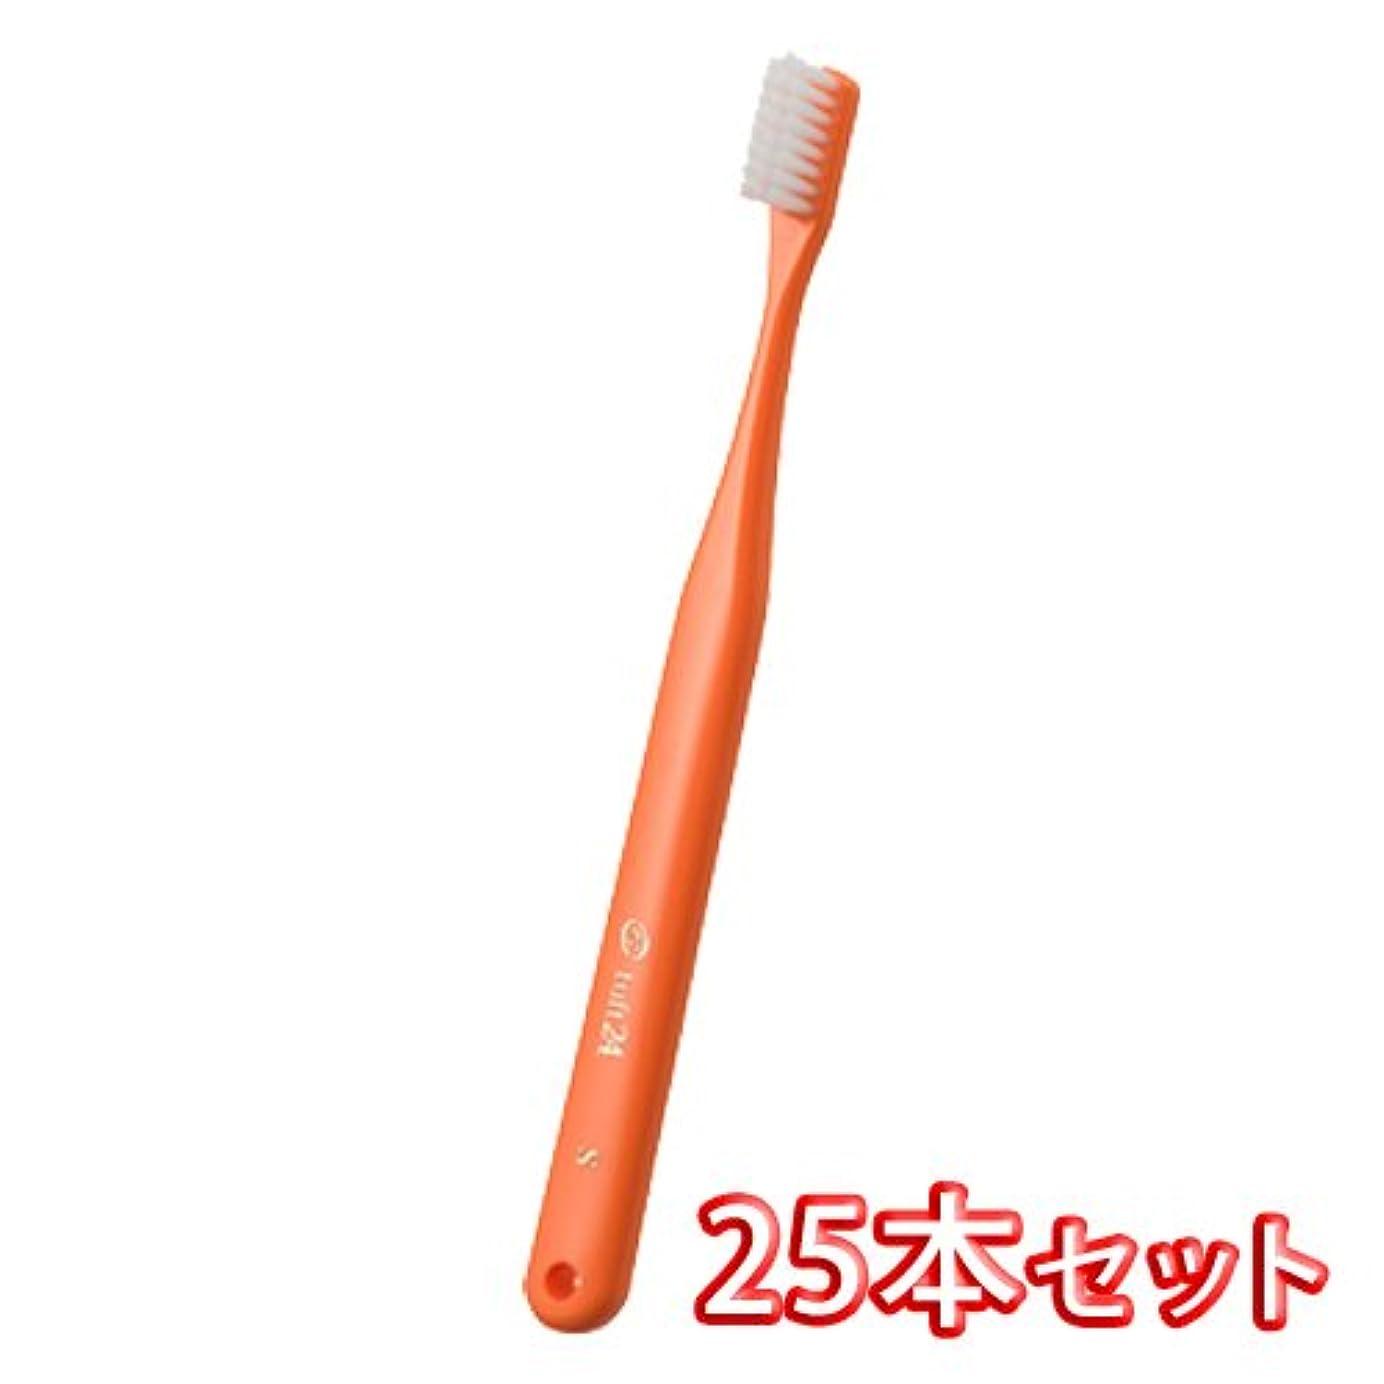 妥協変な省略するオーラルケア キャップ付き タフト 24歯ブラシ 25本入 ミディアム M (オレンジ)